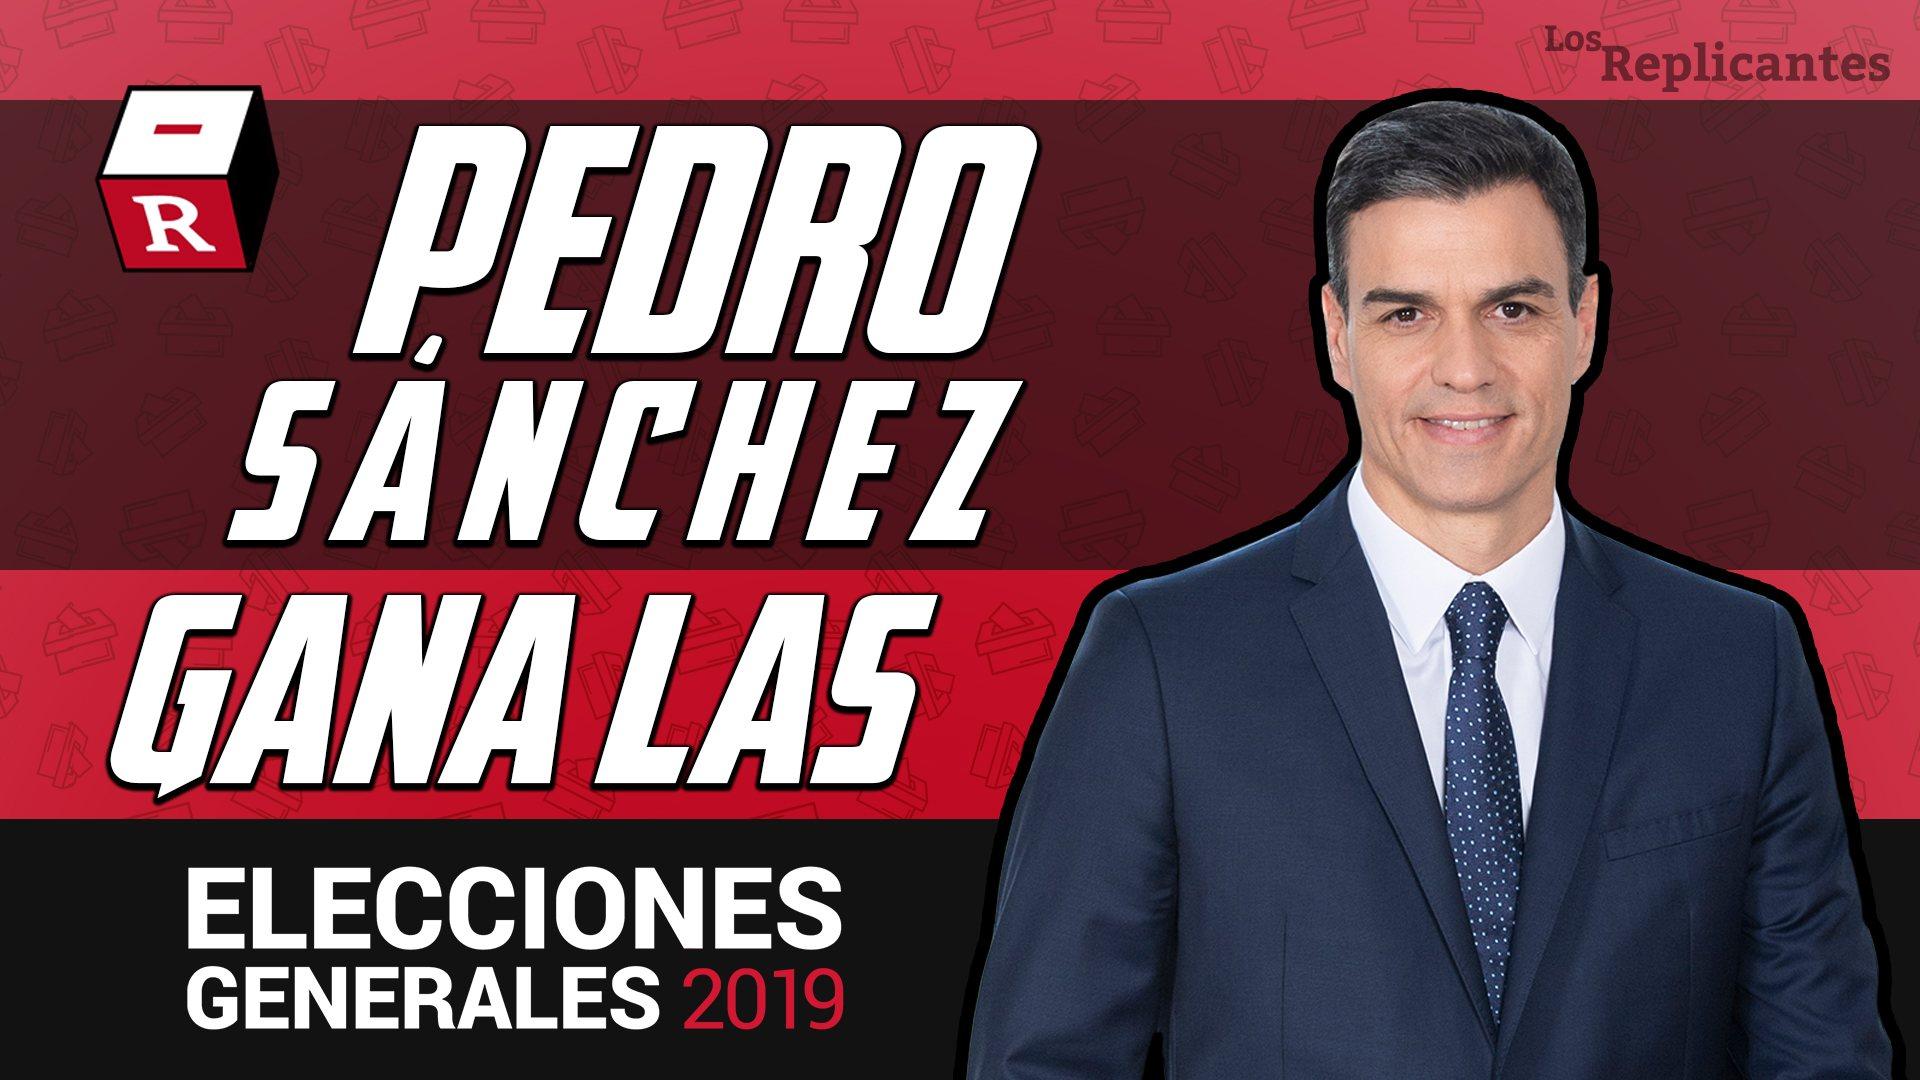 Pedro Sánchez gana las elecciones: El PSOE obtiene 122 escaños